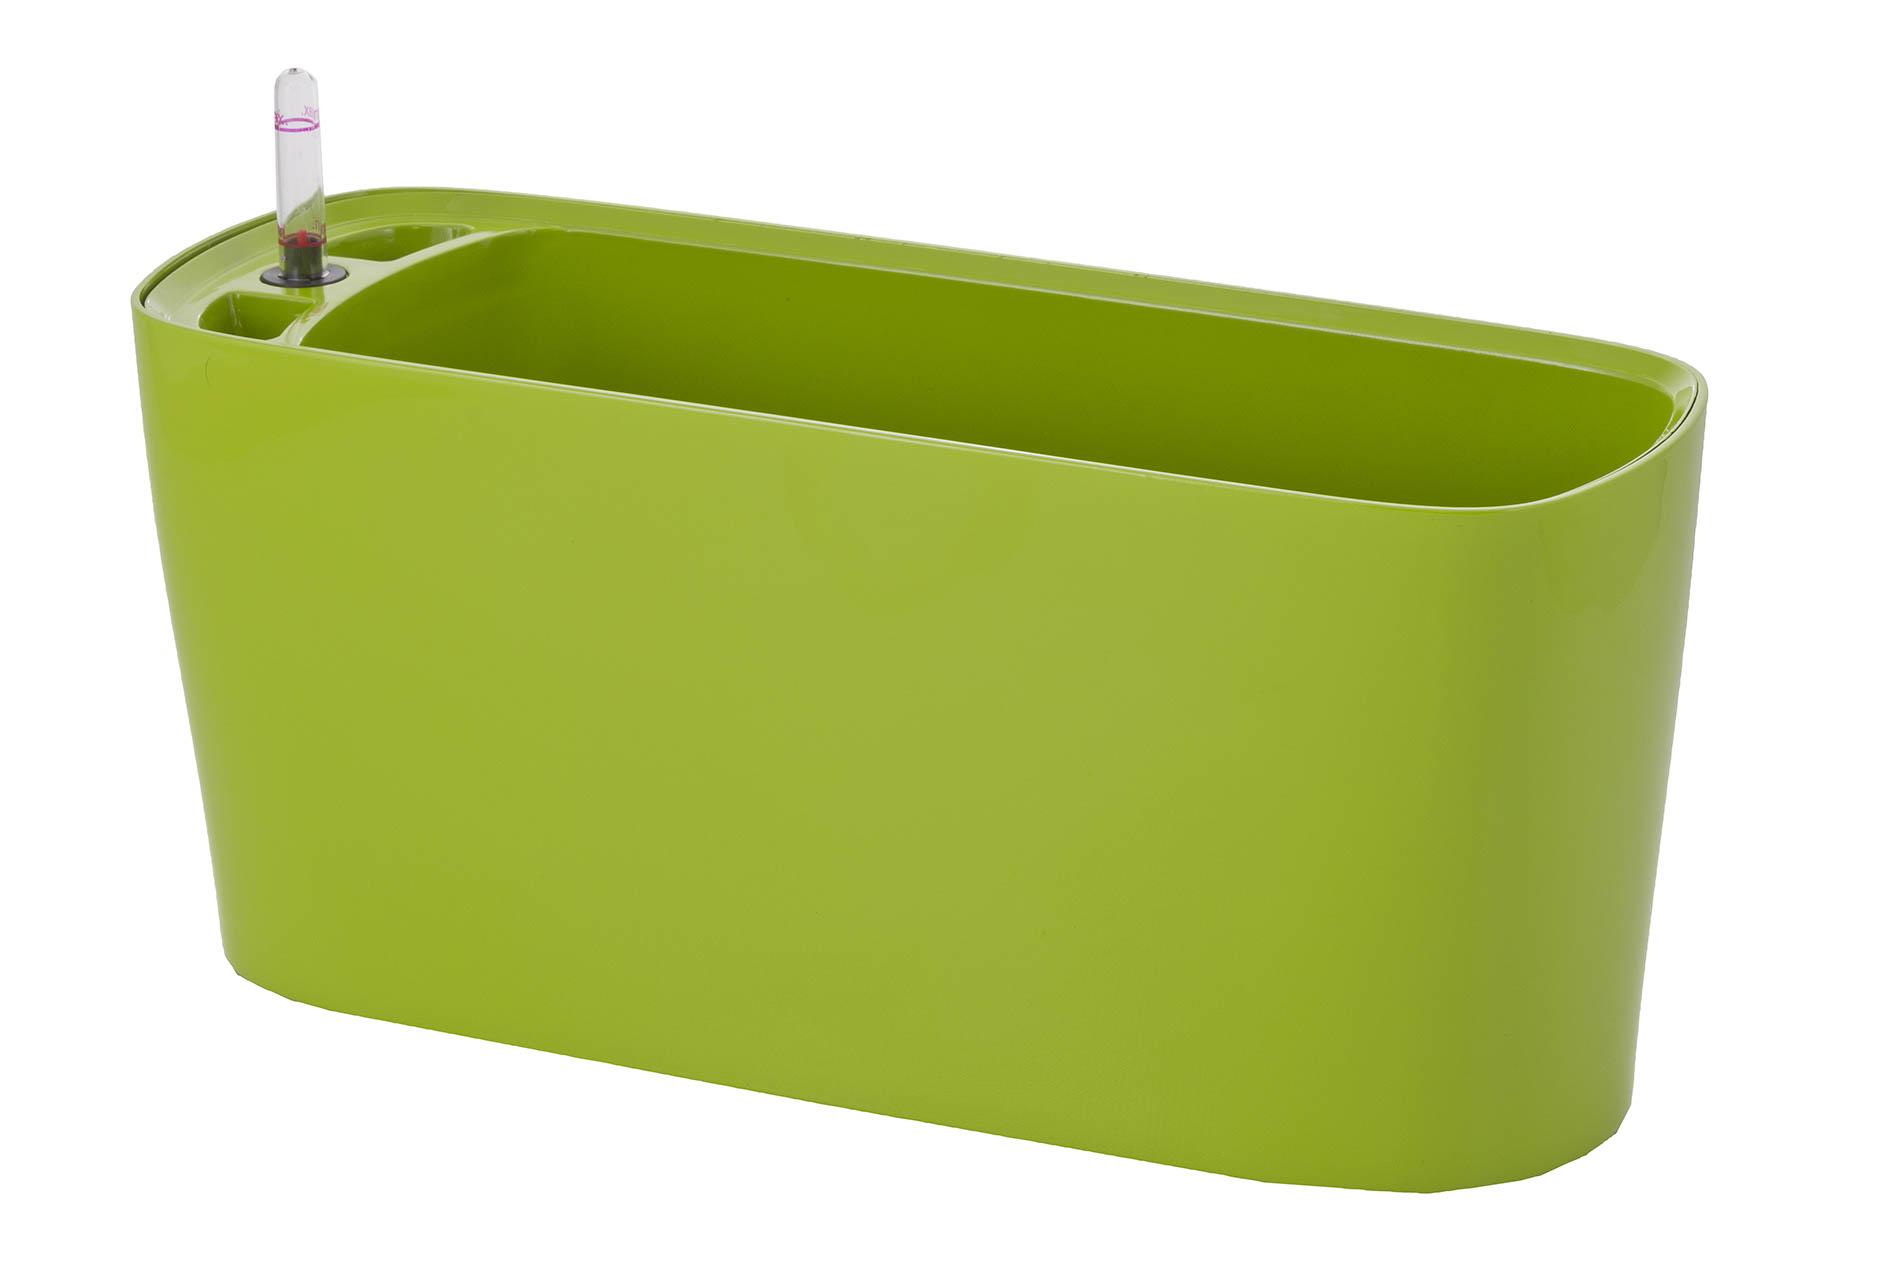 Samozavlažovací květináč G21 Combi mini zelený 40 cm